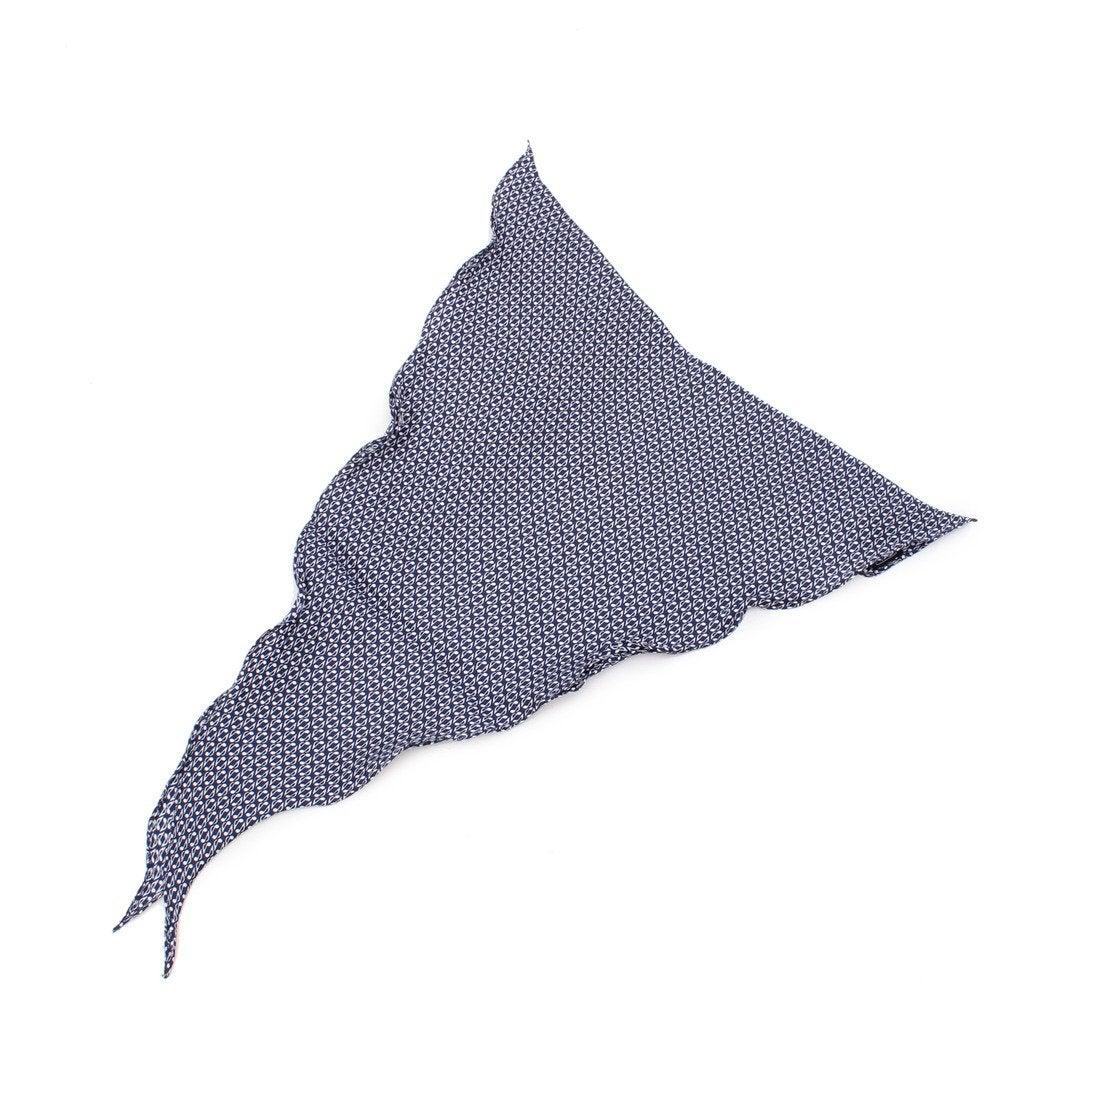 【SALE 70%OFF】クール ストラティン COOL STRUTTIN'&co. シルク100%幾何学柄スカーフ (ネイビー)